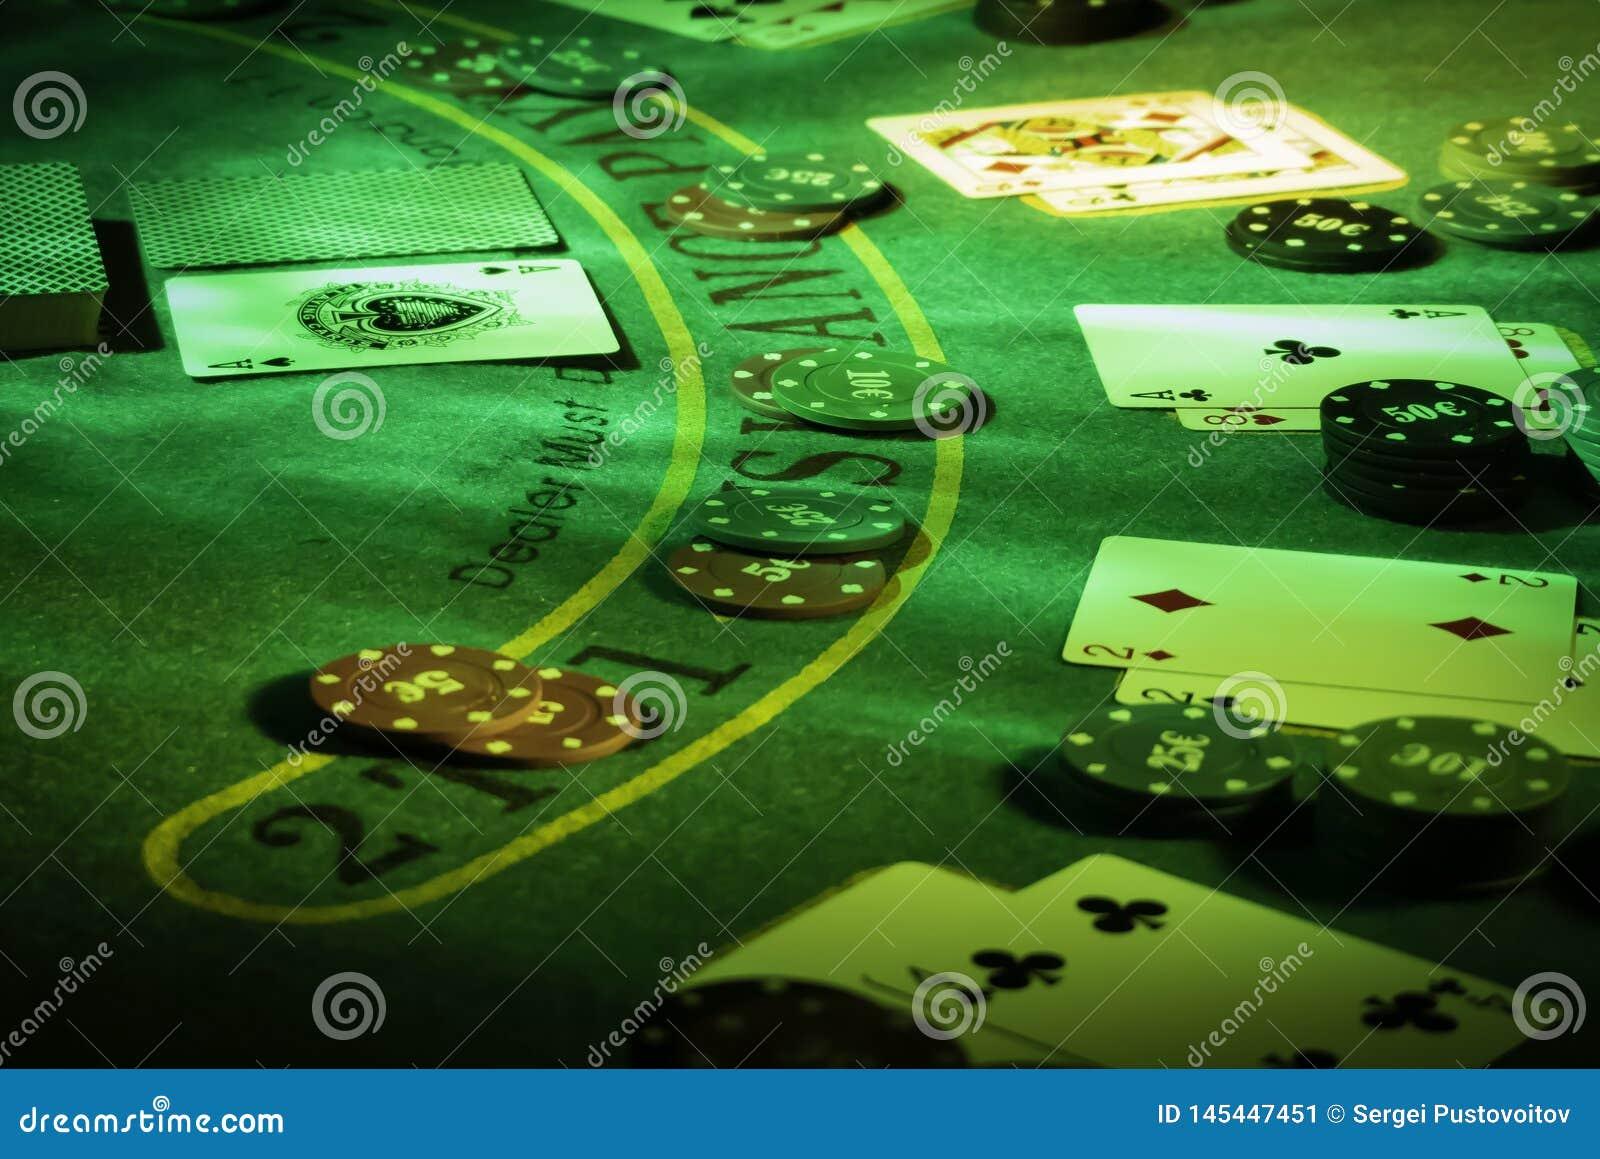 Installez pour jouer le nerf de boeuf au casino